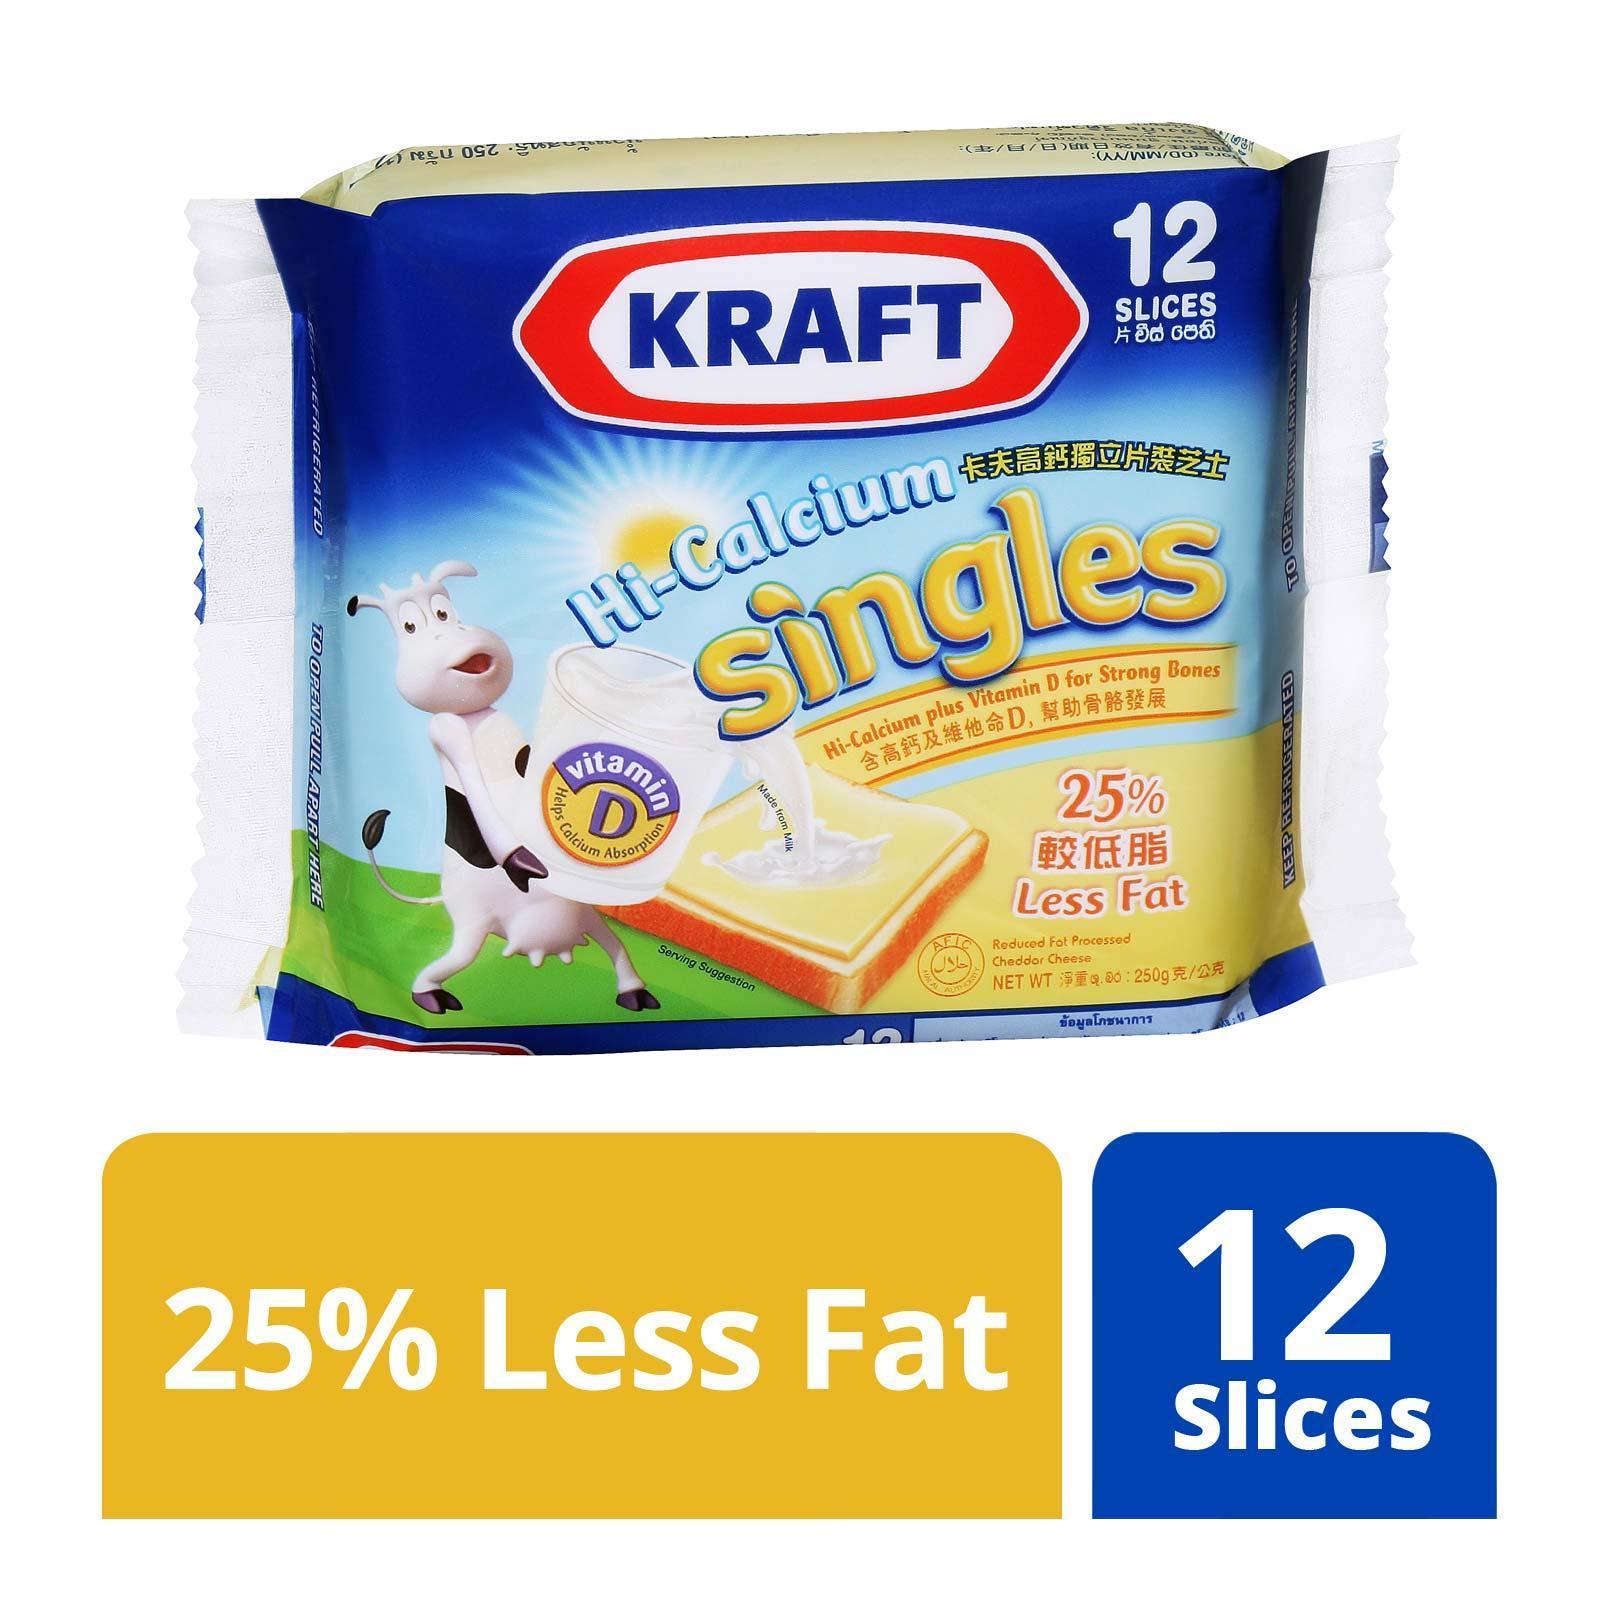 Kraft Singles Hi-Calcium 25% Less Fat Cheese Slices - 12 Slices